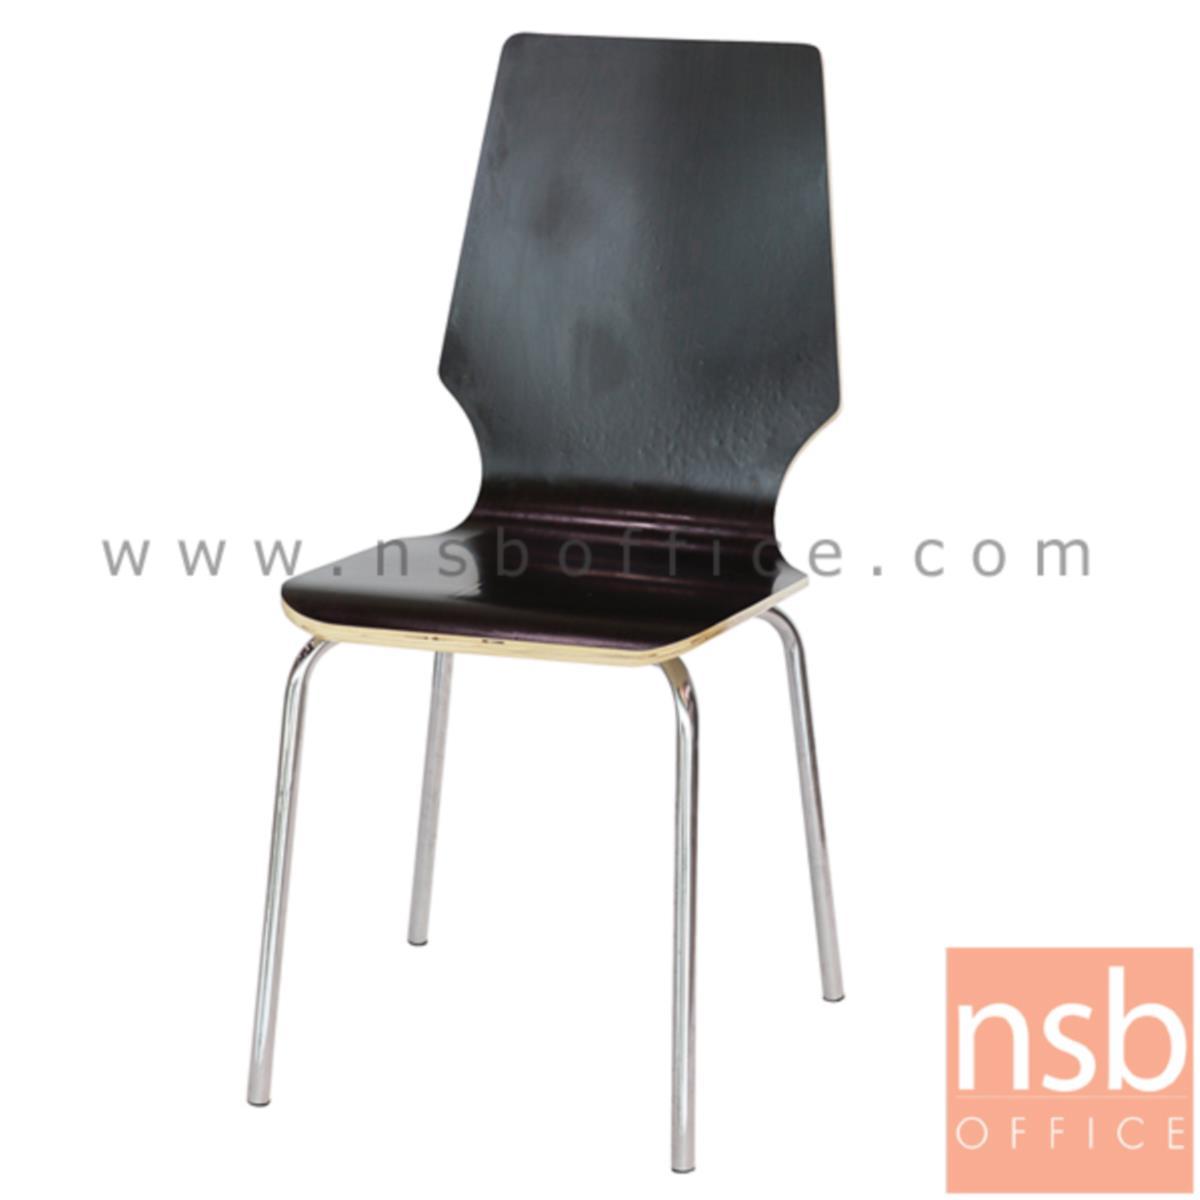 B20A099:เก้าอี้อเนกประสงค์ไม้ดัด รุ่น FN-COM  ขาเหล็กชุบโครเมี่ยม